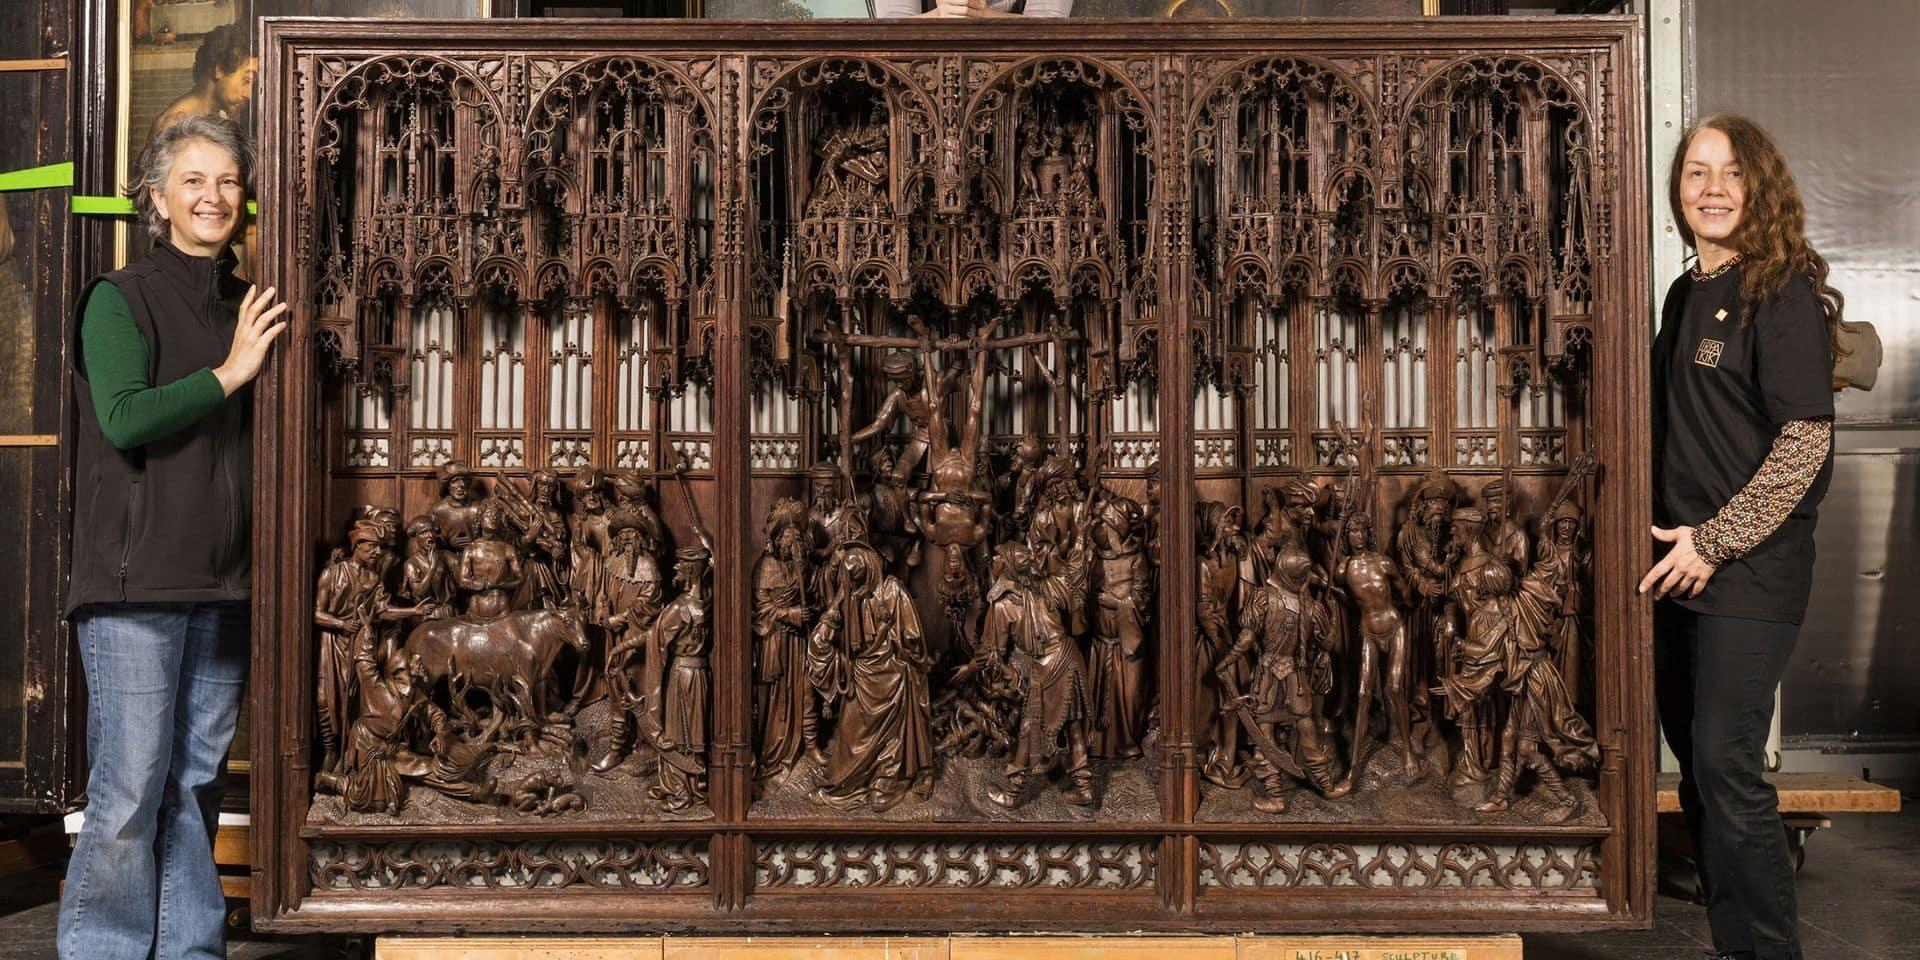 Le retable de Saint Georges de retour au musée Art & Histoire